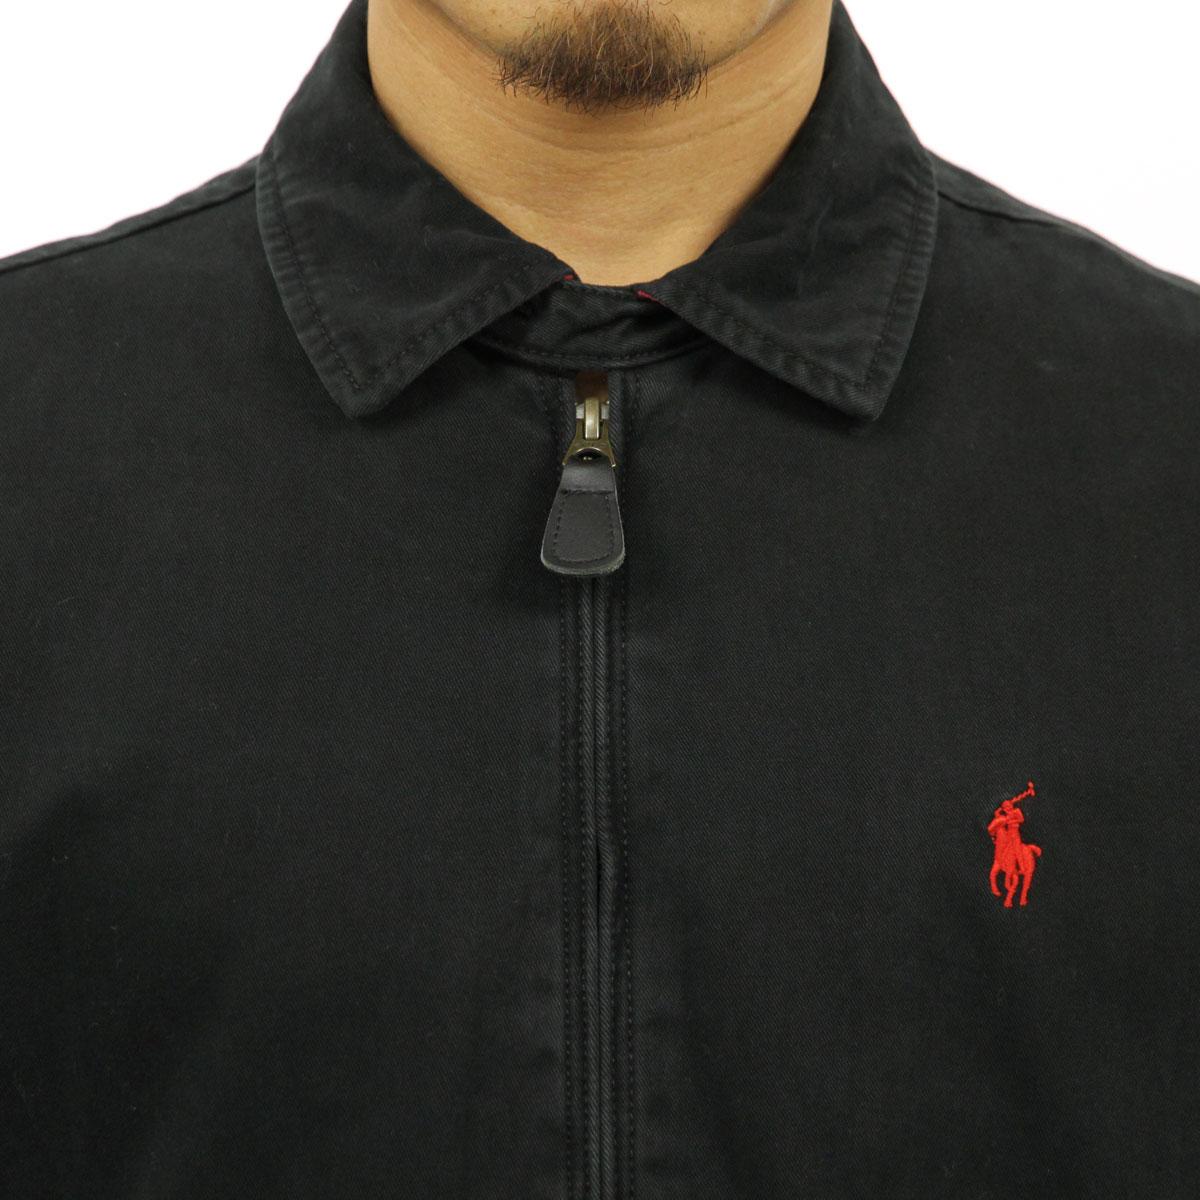 ポロラルフローレン POLO RALPH LAUREN 正規品 メンズ アウタージャケット Swing Top Jacket